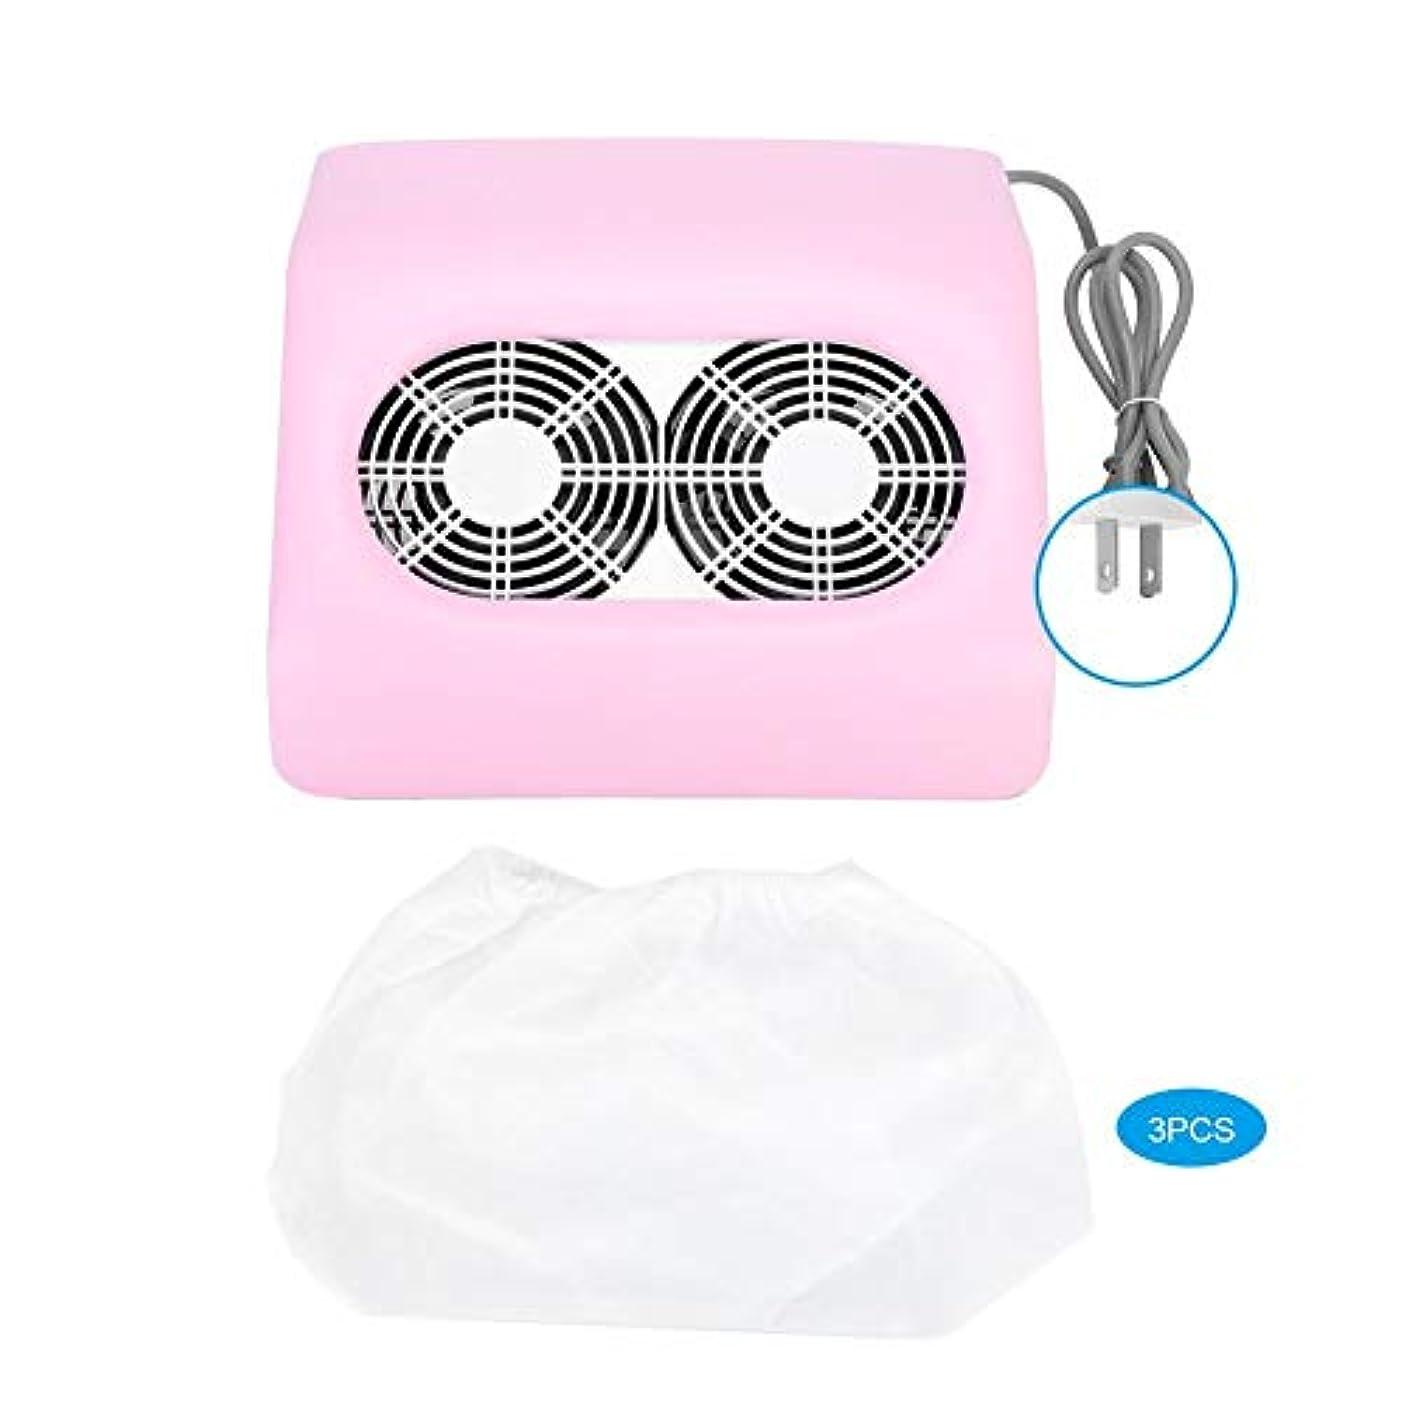 寝室来て研究ネイルアート掃除機、ネイルダスト吸引コレクターサロン用ネイルアートマニキュア(米国のプラグ)